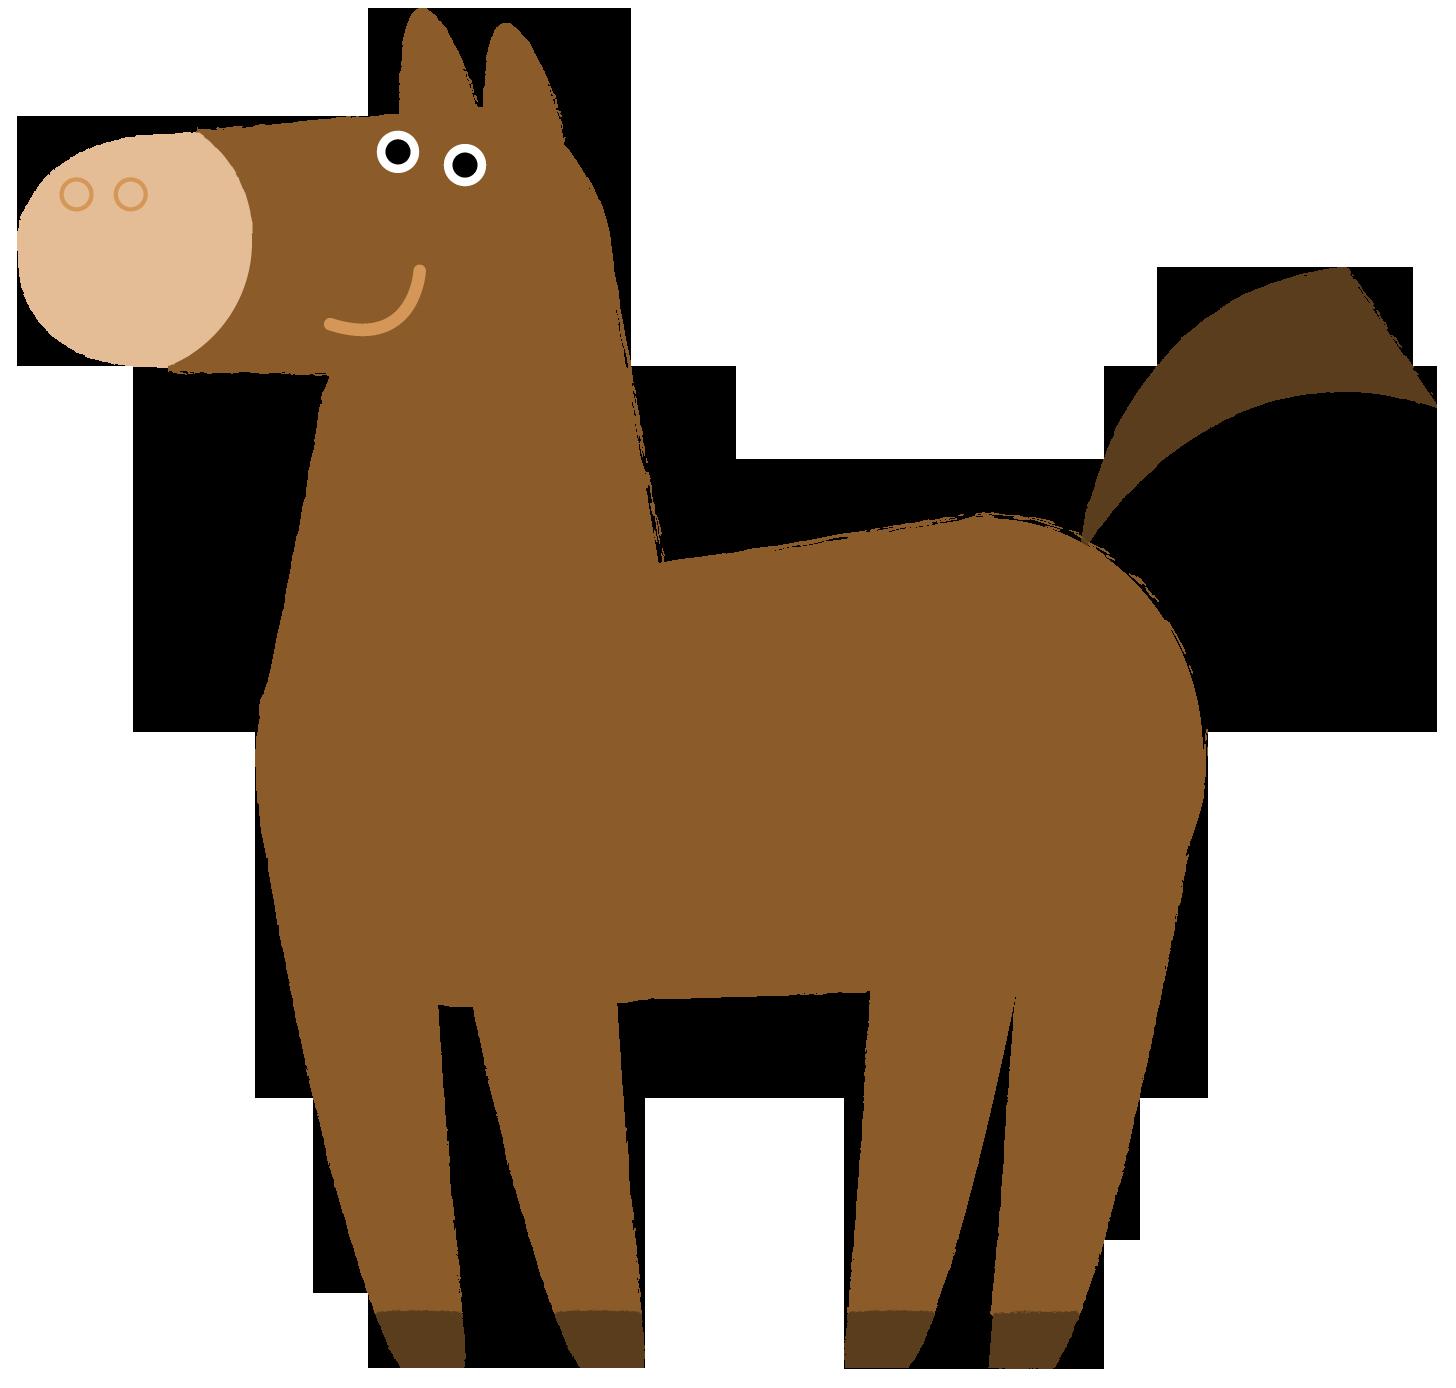 干支 馬のイラスト | かわいいフリー素材が無料のイラストレイン